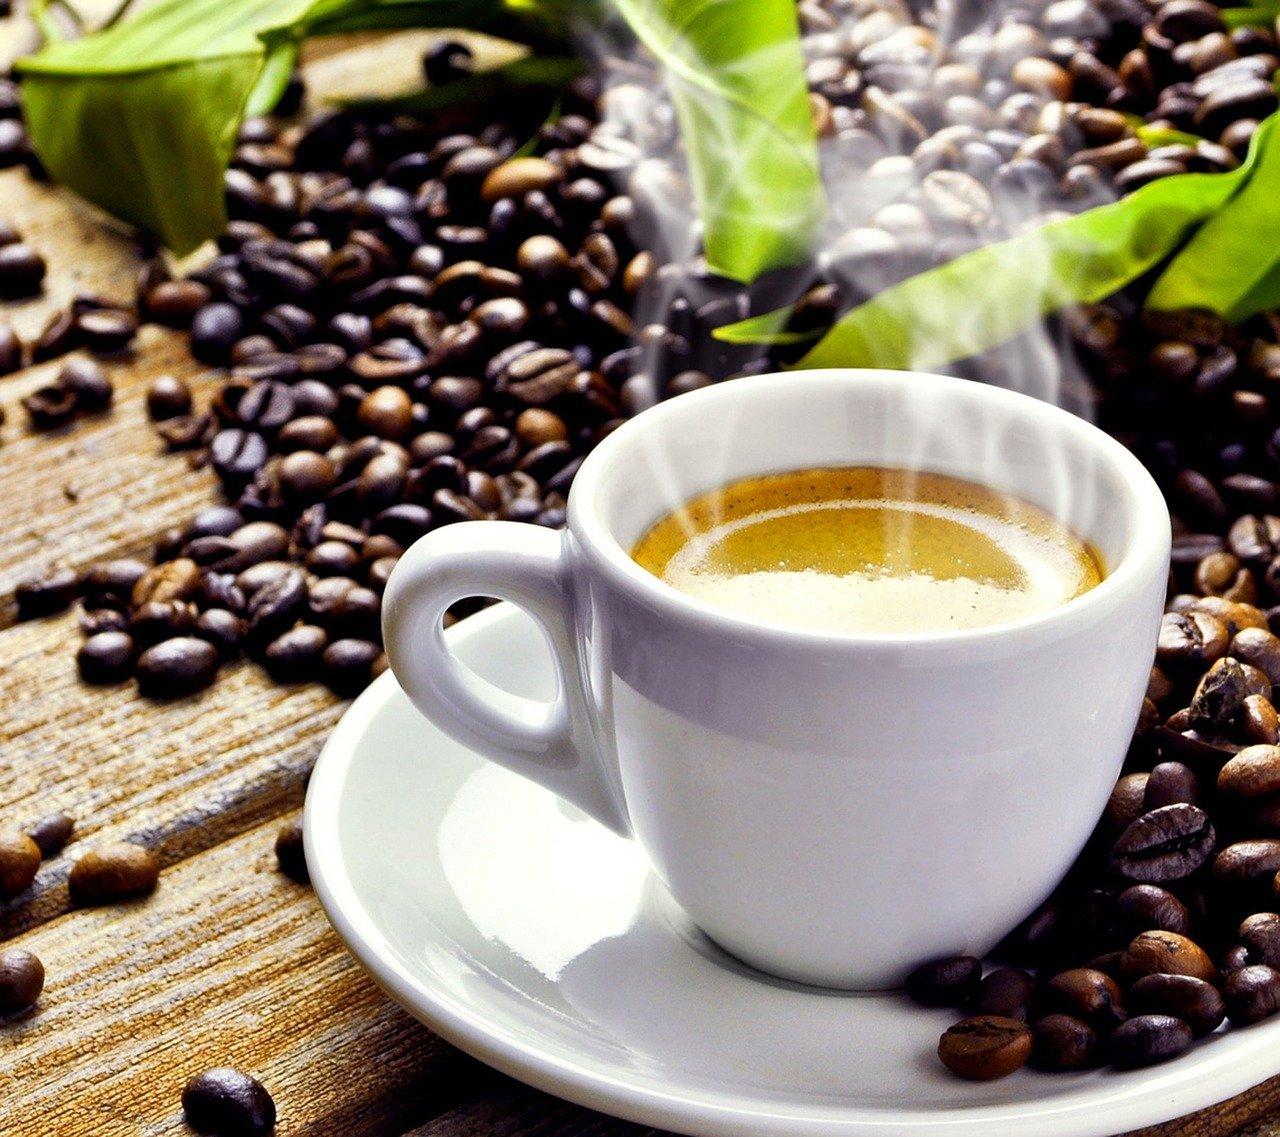 Objavili ďalší benefit pravidelného pitia kávy. Jej účinky by mohli chrániť aj črevá